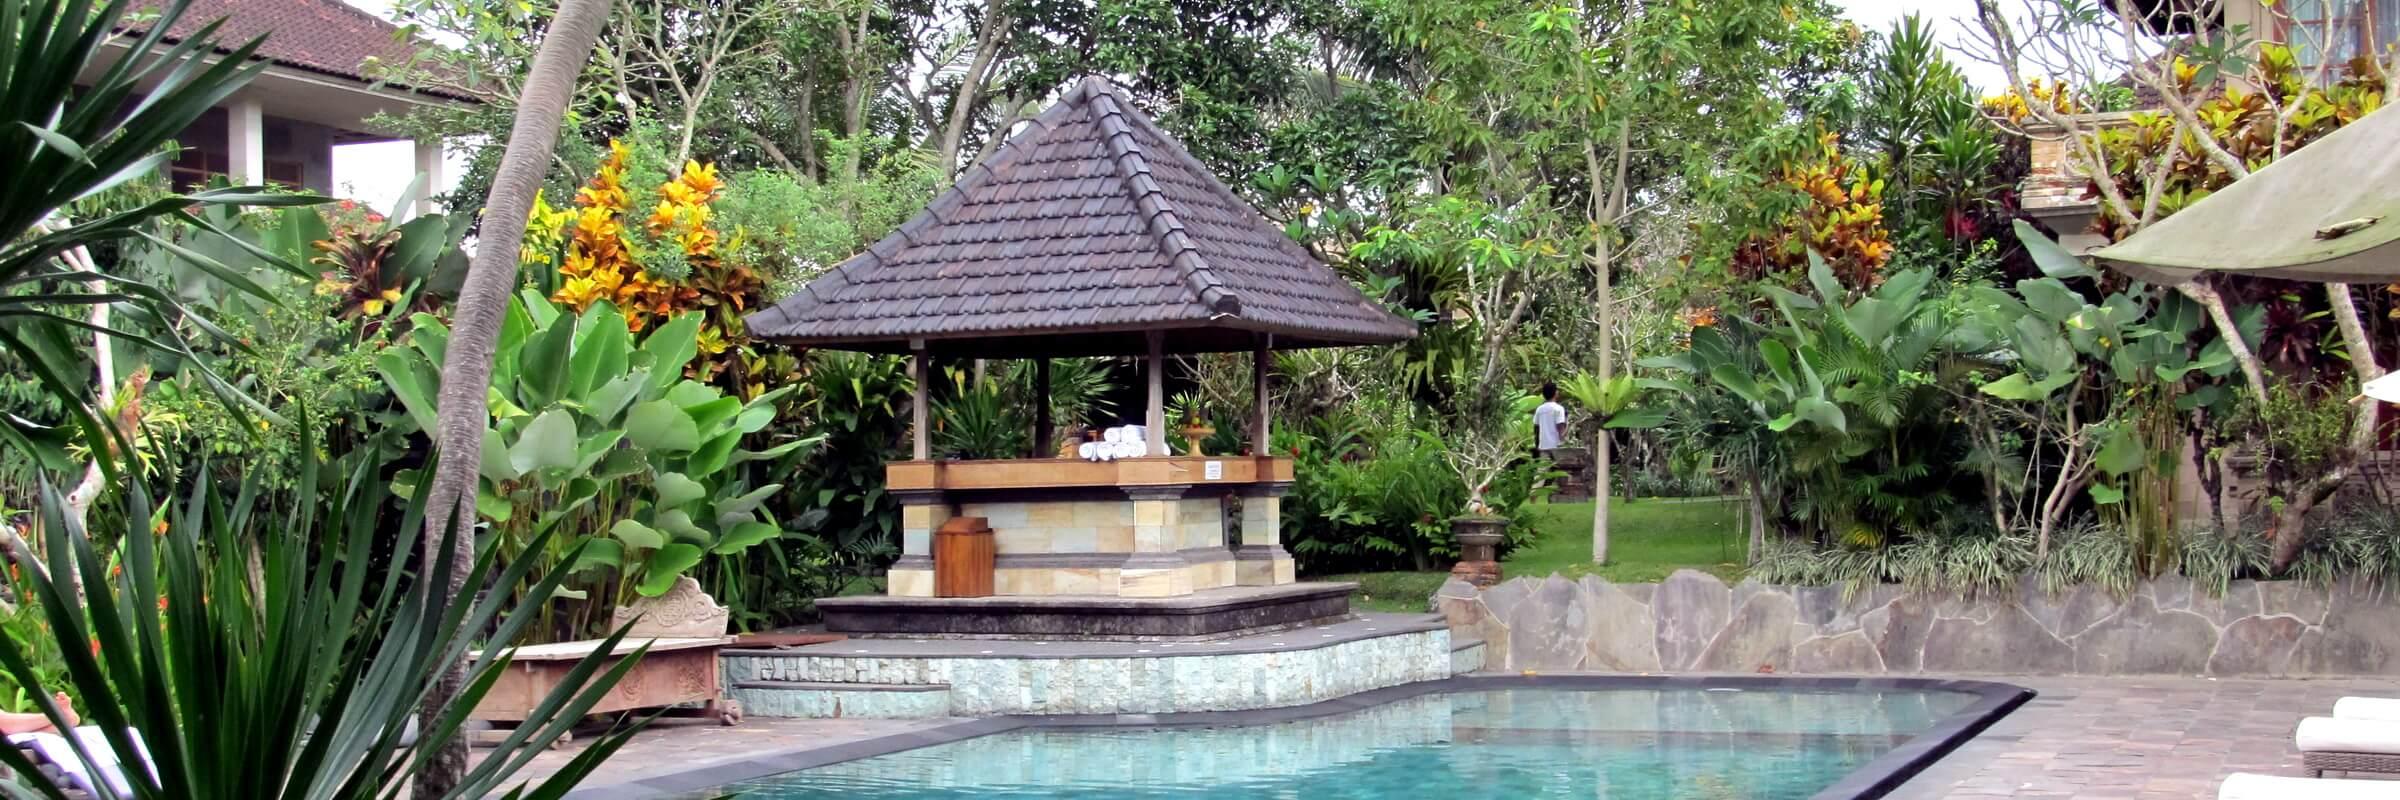 Der stilvolle Pool im harmonischen Tropengarten des Sri Ratih Cottages